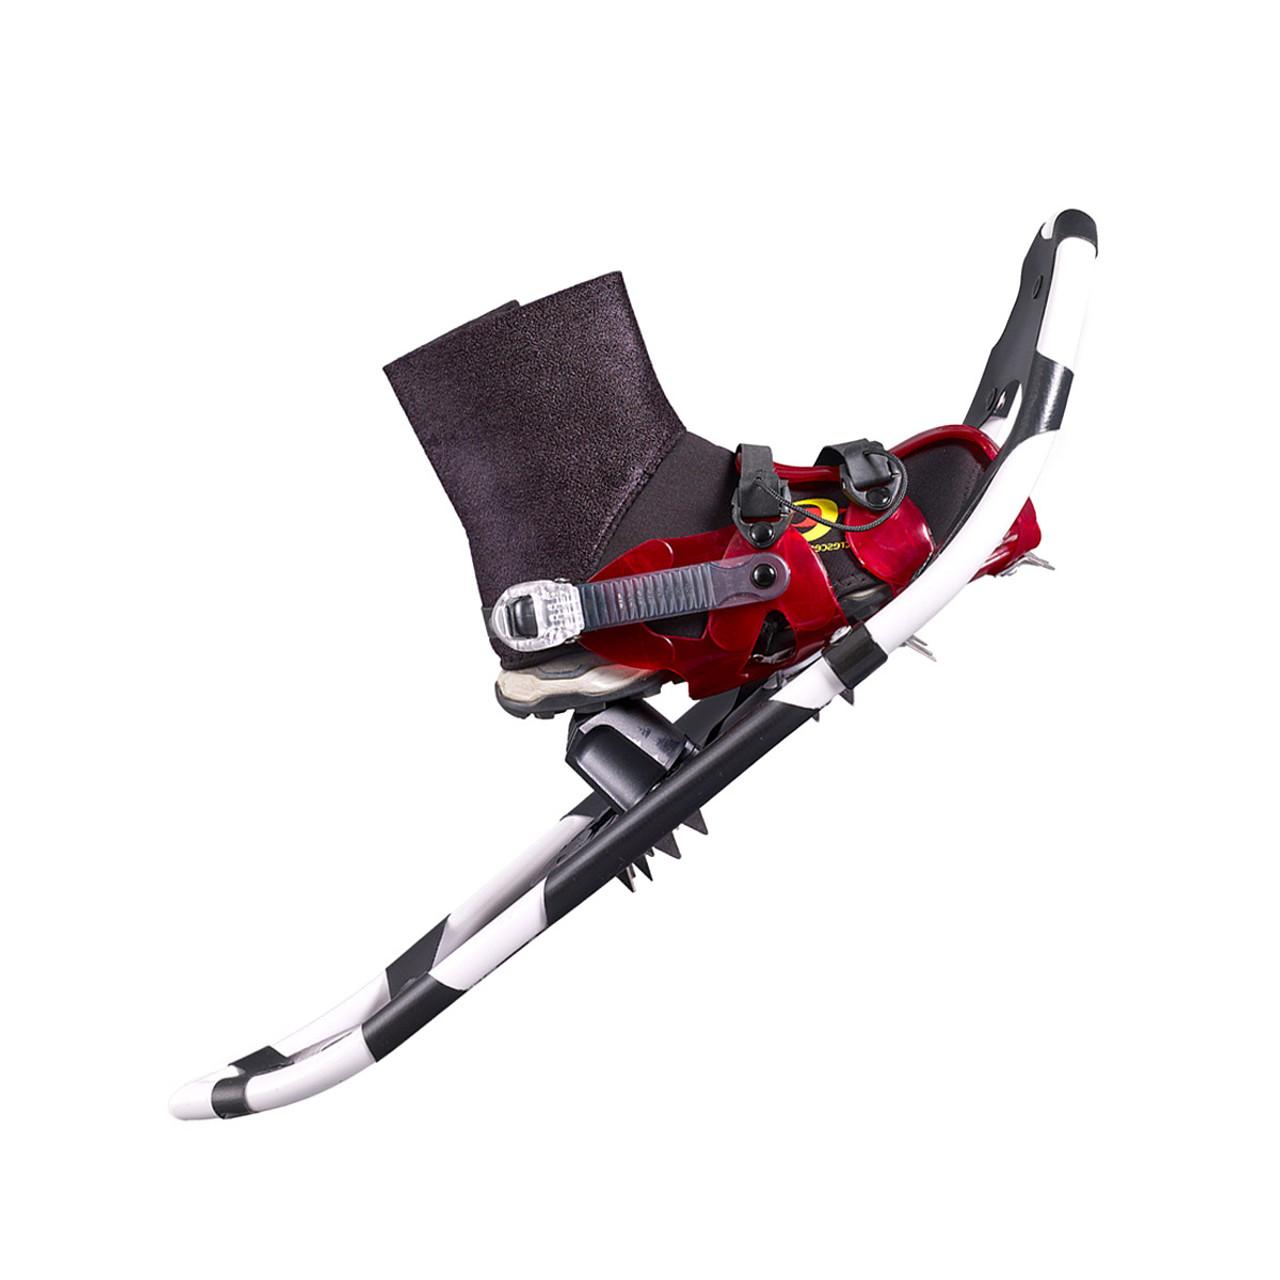 Snowshoe Heel lift